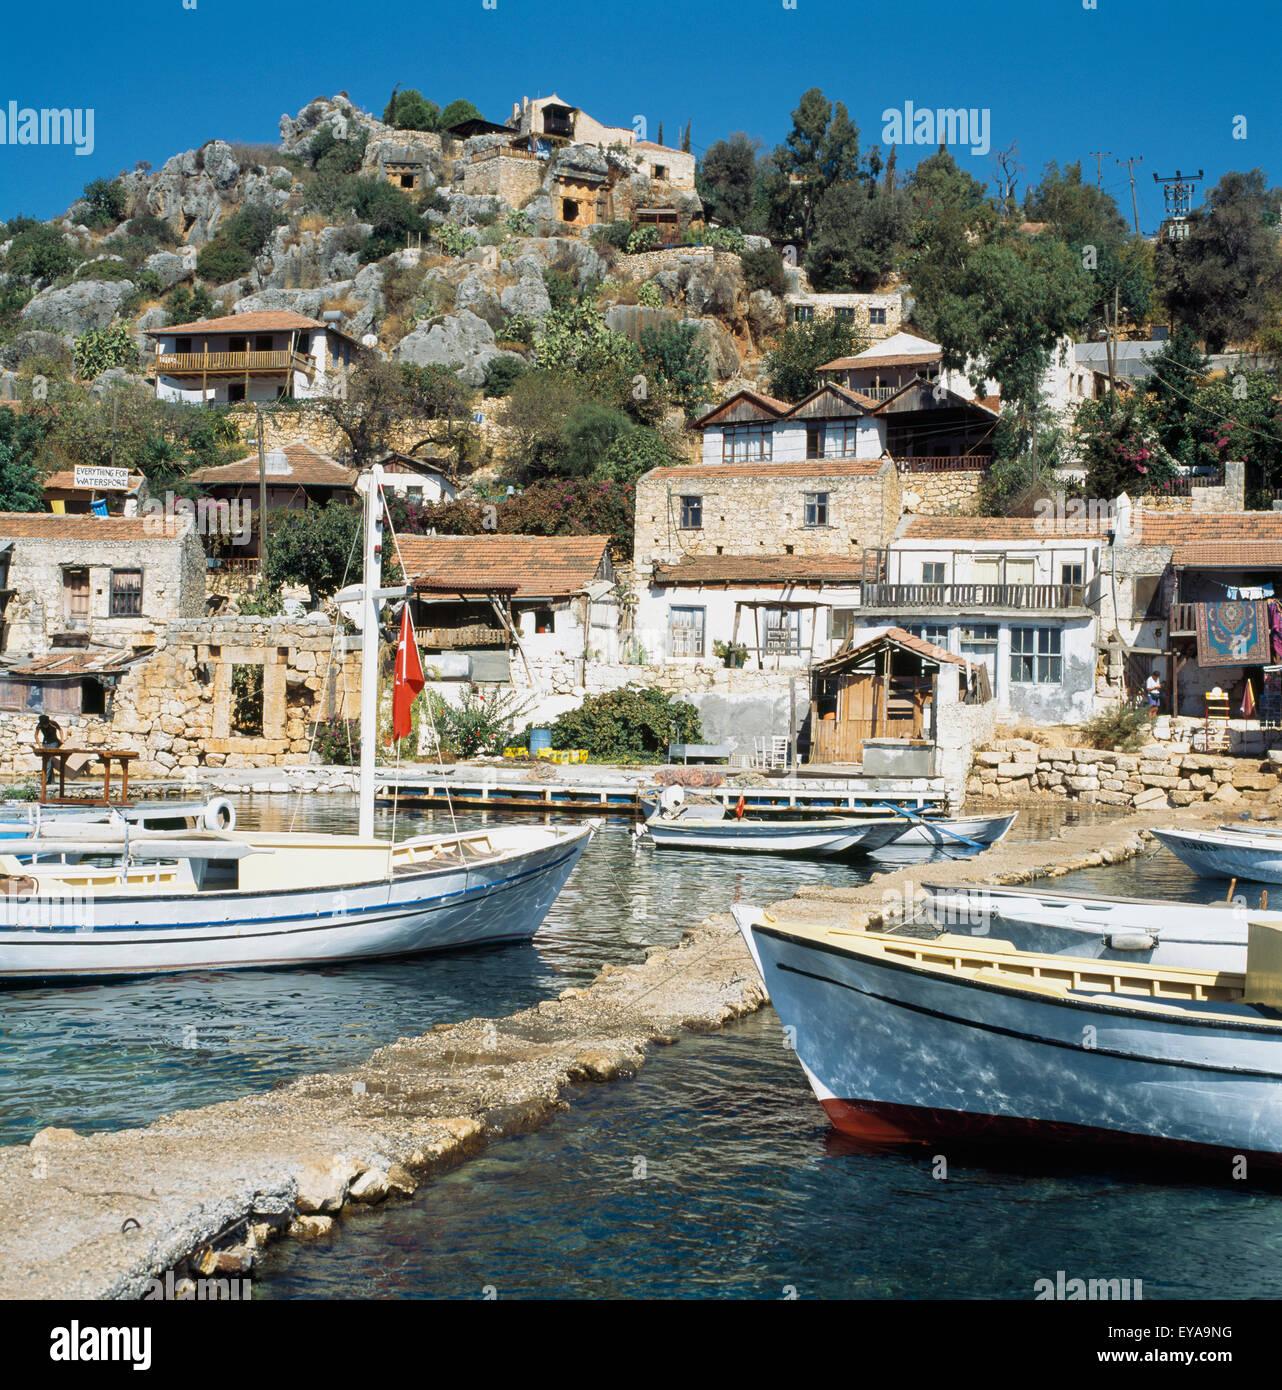 Boats In Kalekoy Harbor,Tourquoise Coast,Turkey - Stock Image